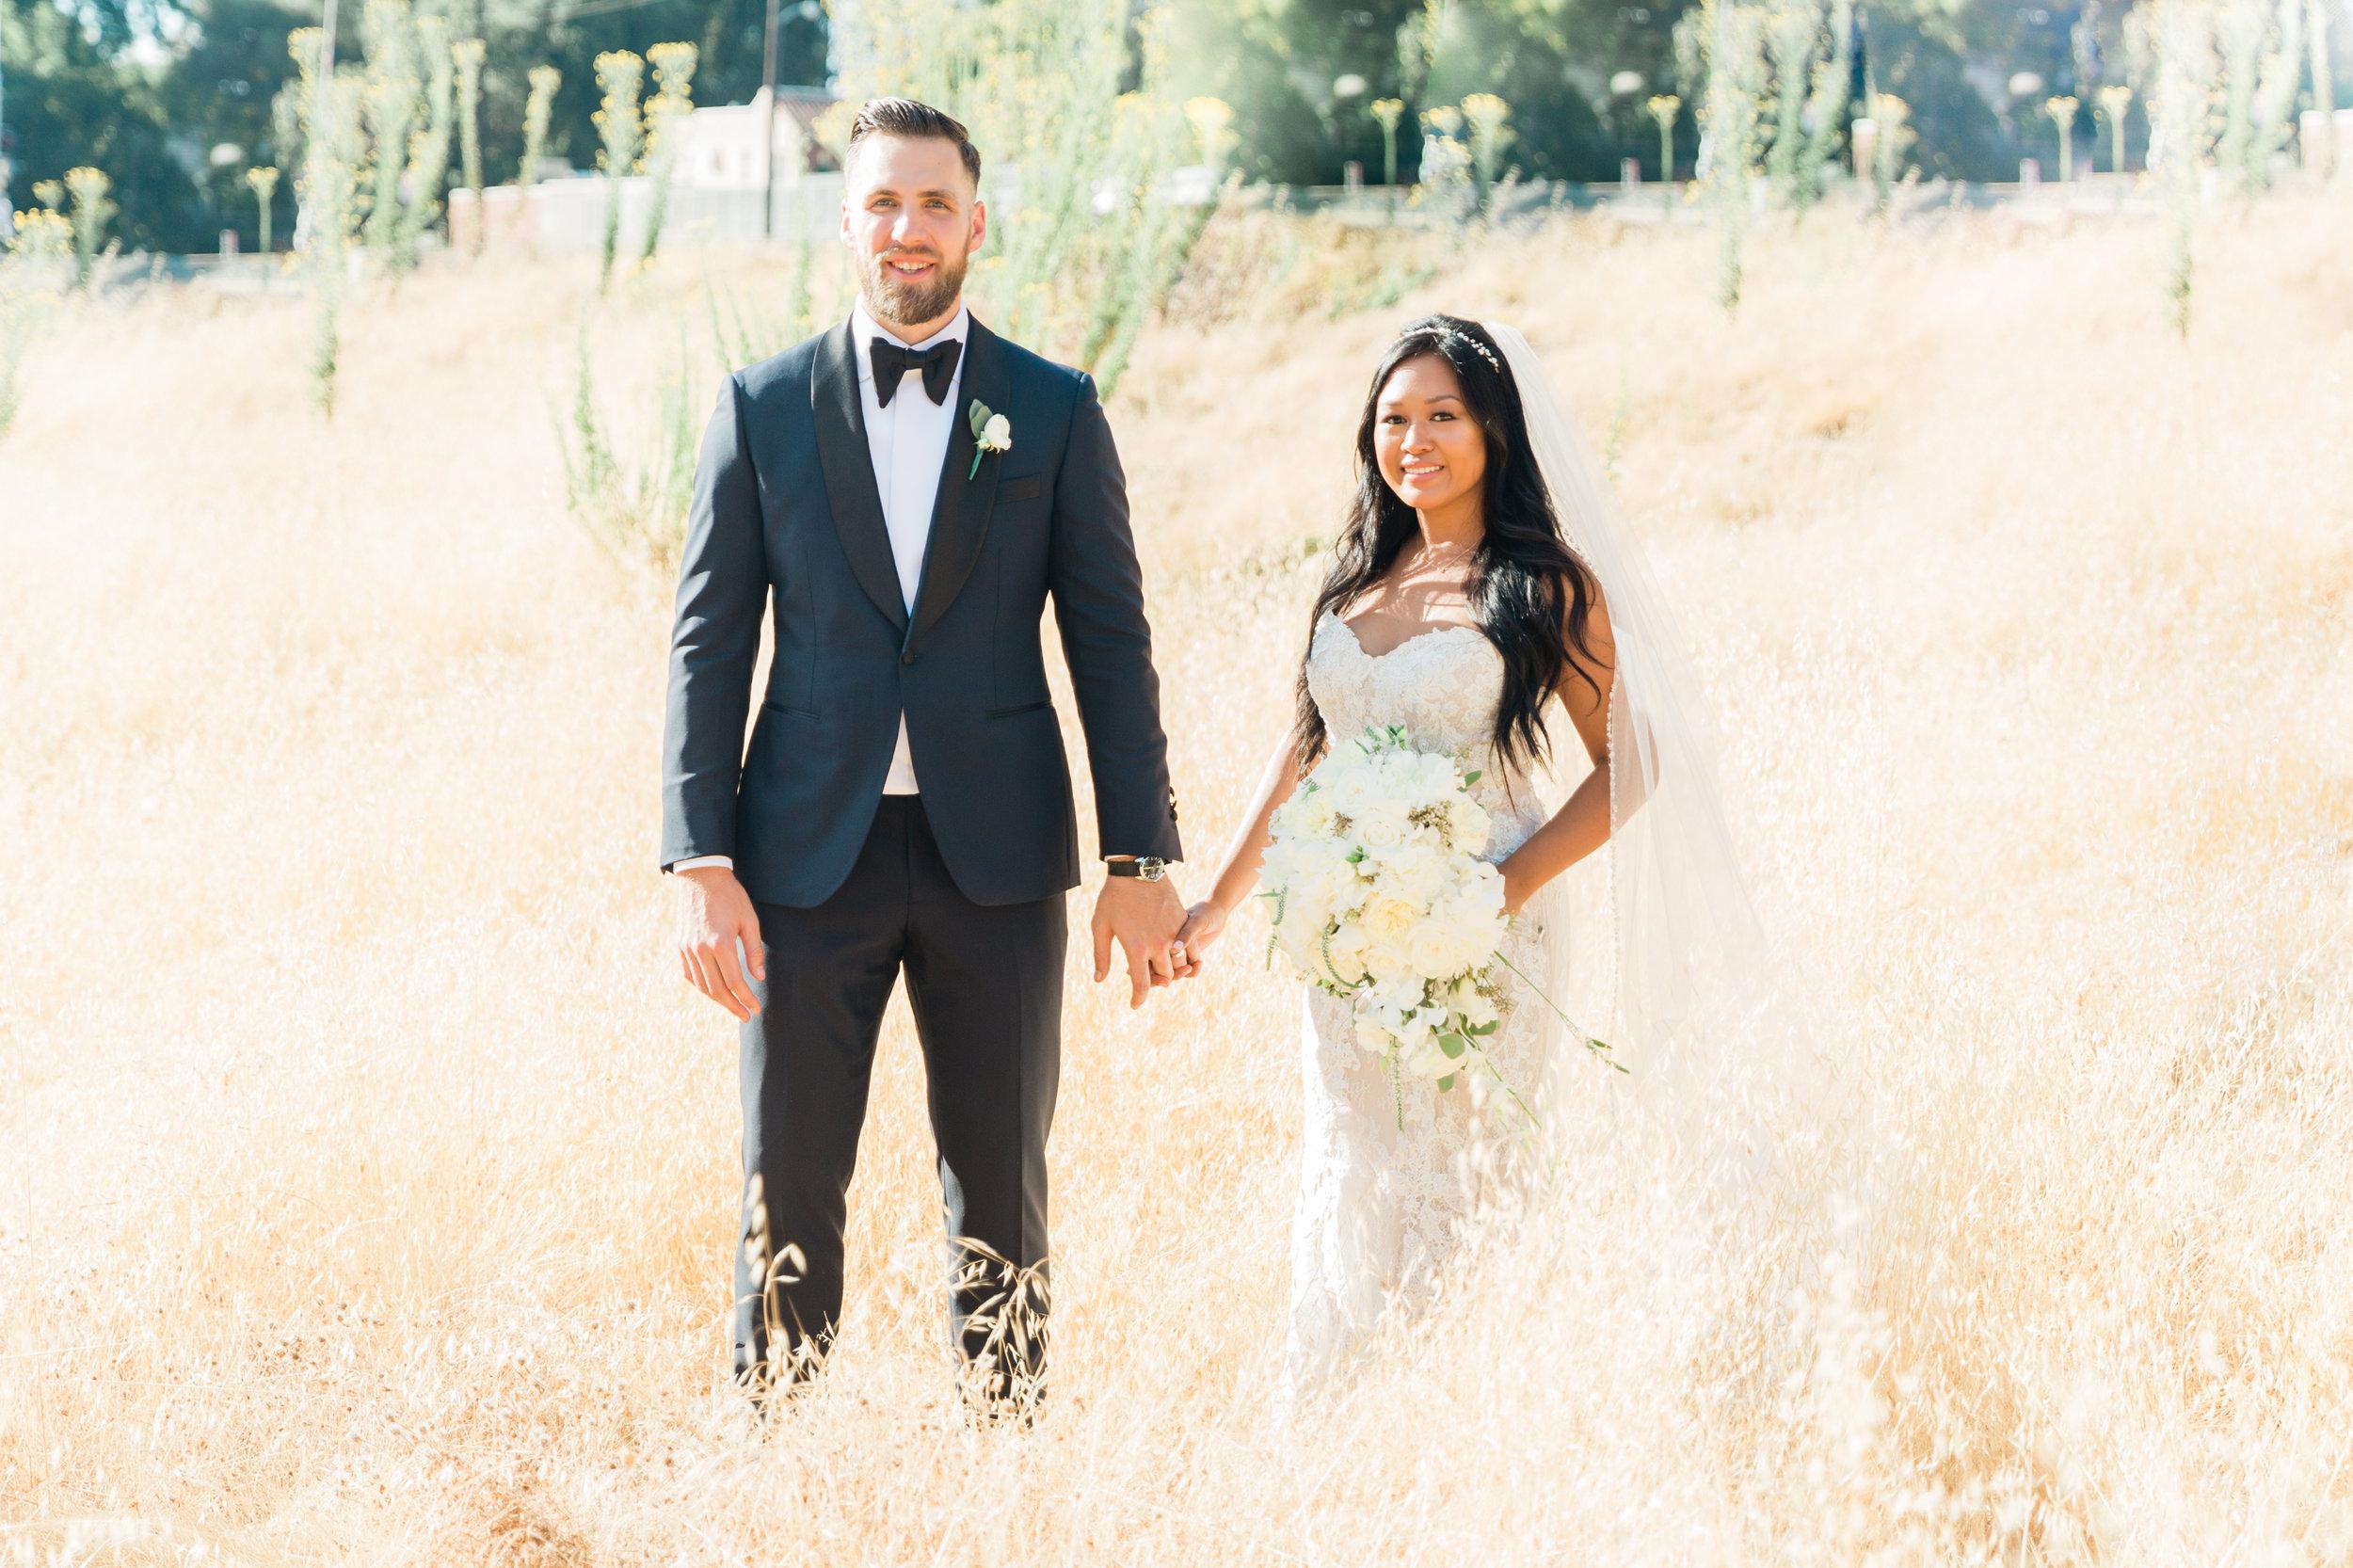 Raedawn and George - Married - Sneak Peeks - Lauren Alisse Photography-43.jpg